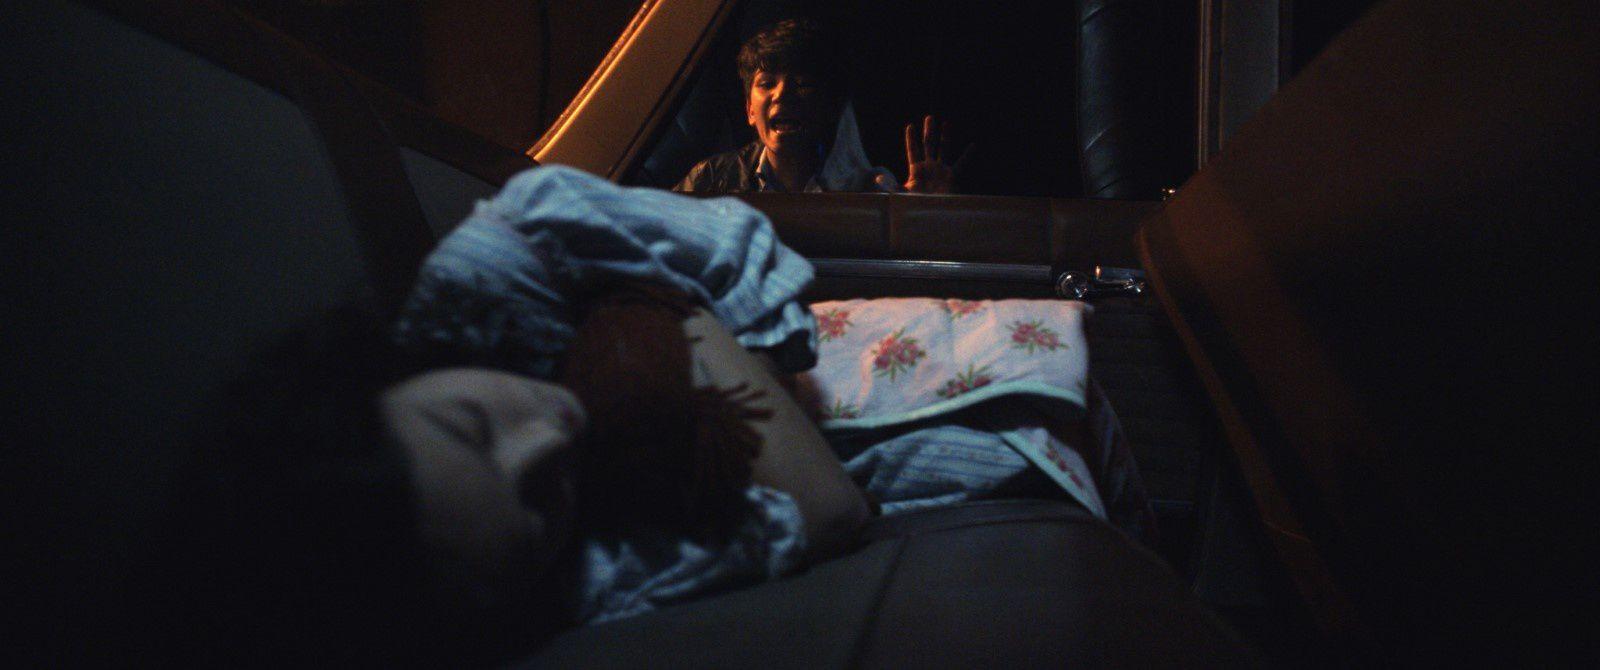 La malédiction de la dame blanche (BANDE-ANNONCE) avec Linda Cardellini, Raymond Cruz - Le 17 avril 2019 au cinéma